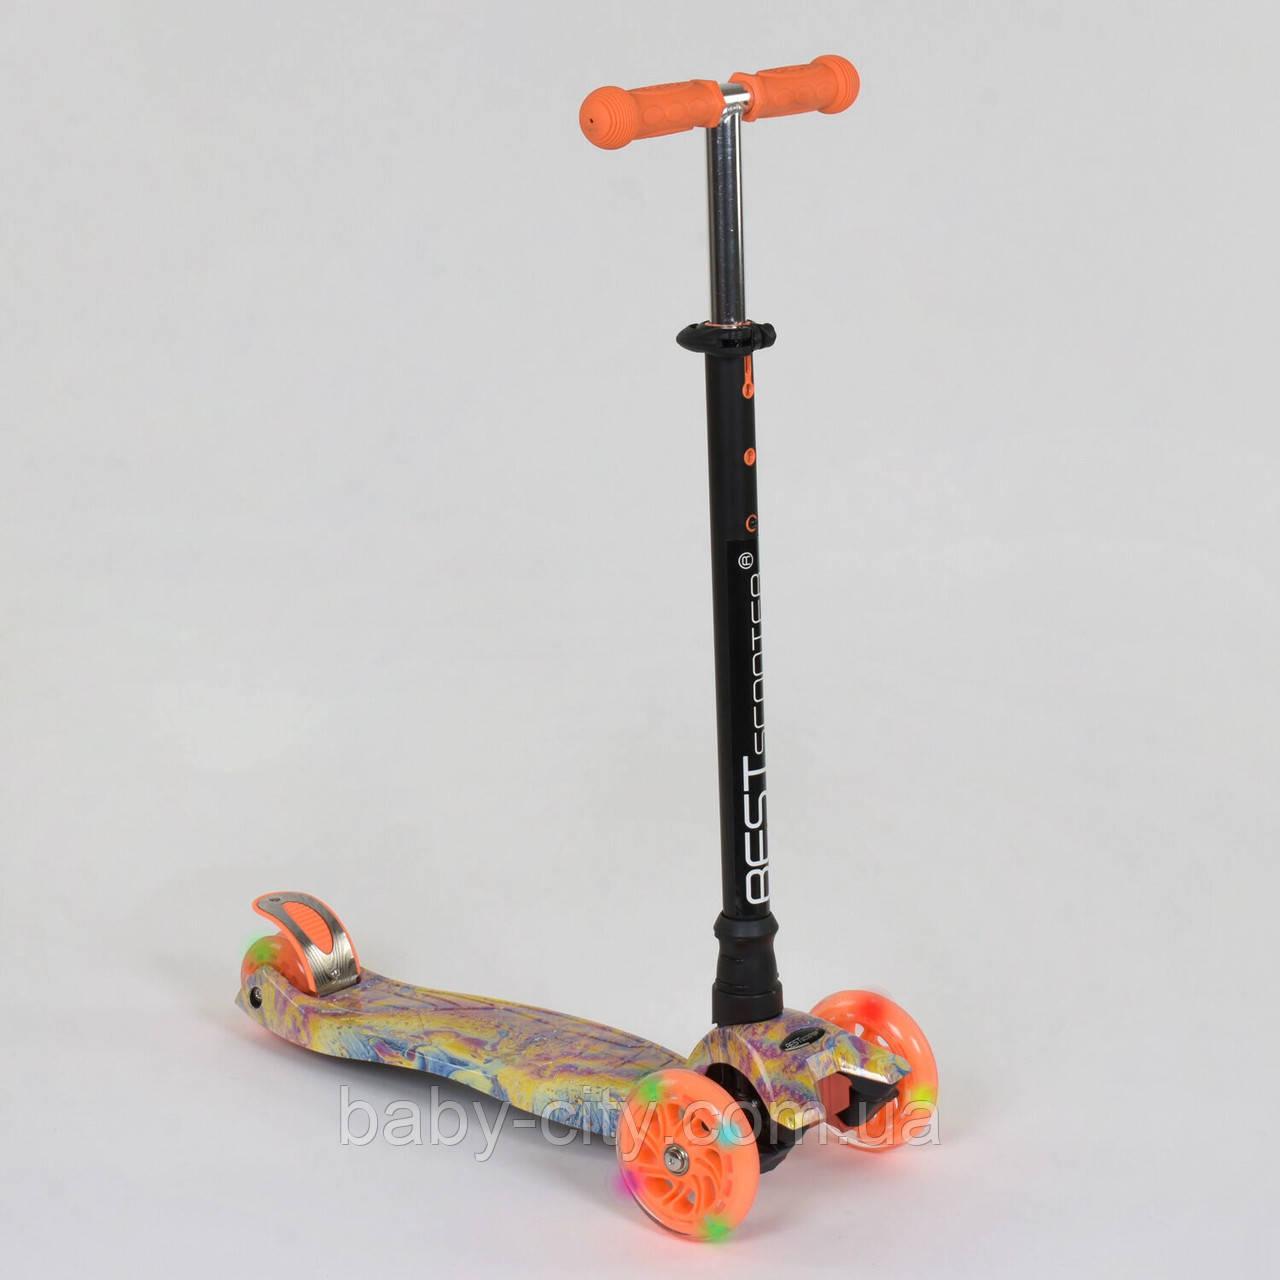 Самокат Best Scooter Maxi А 25597 / 779-1340